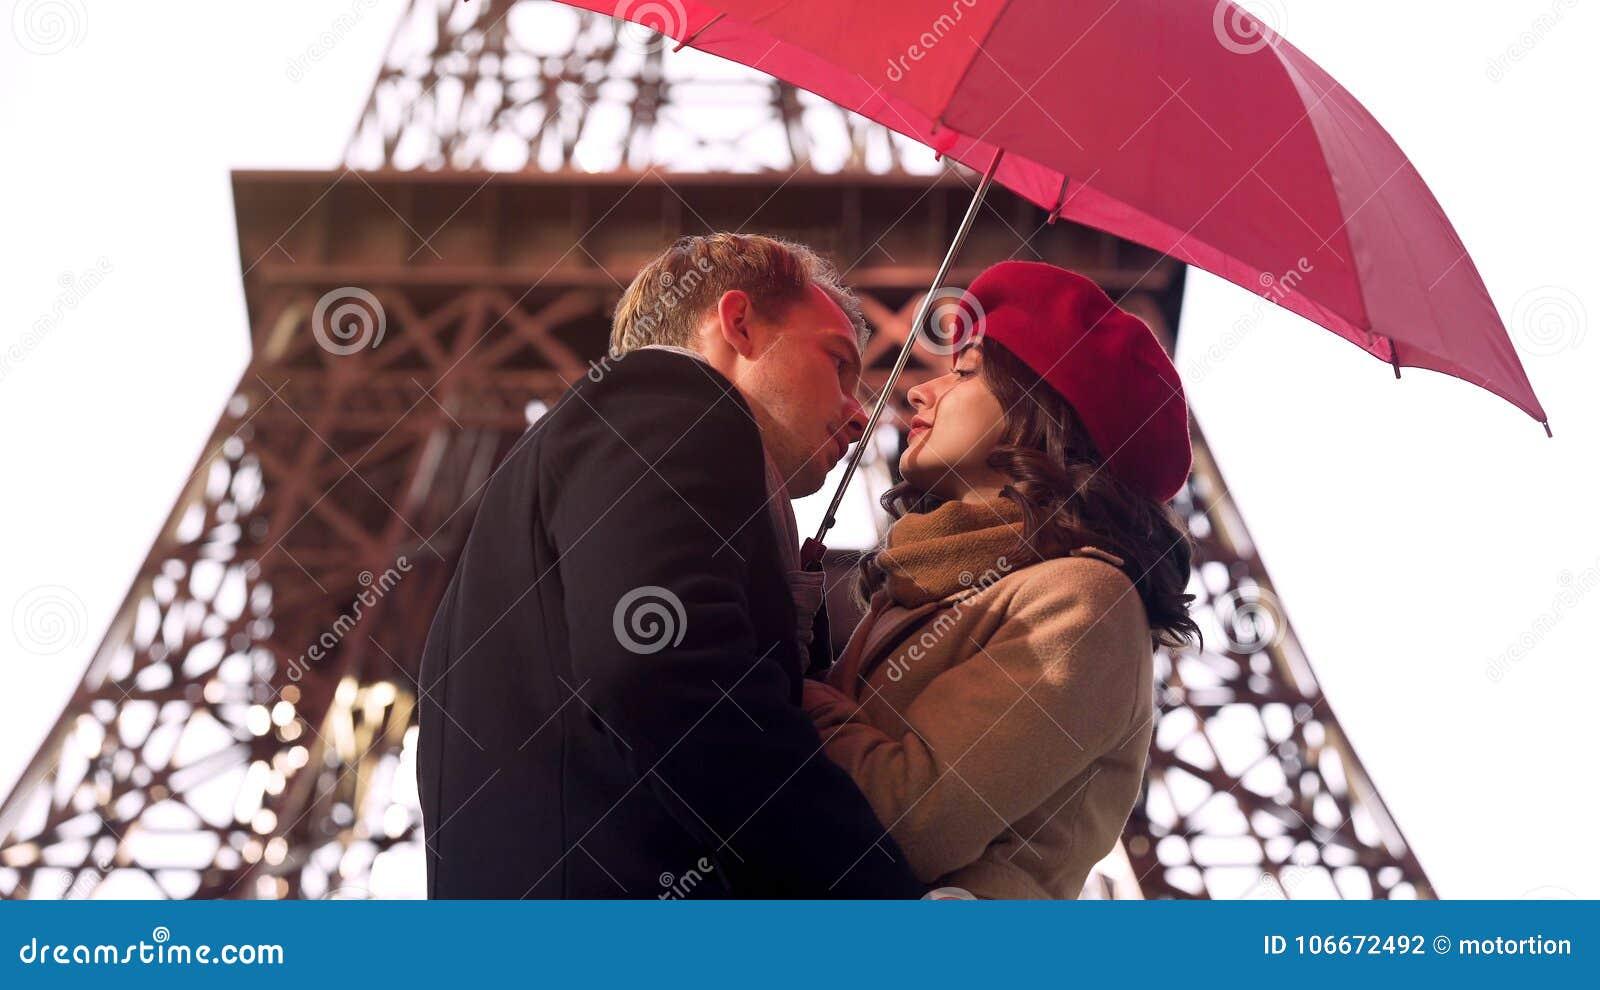 romantische dating Fotos Lee Min Ho dating lijst